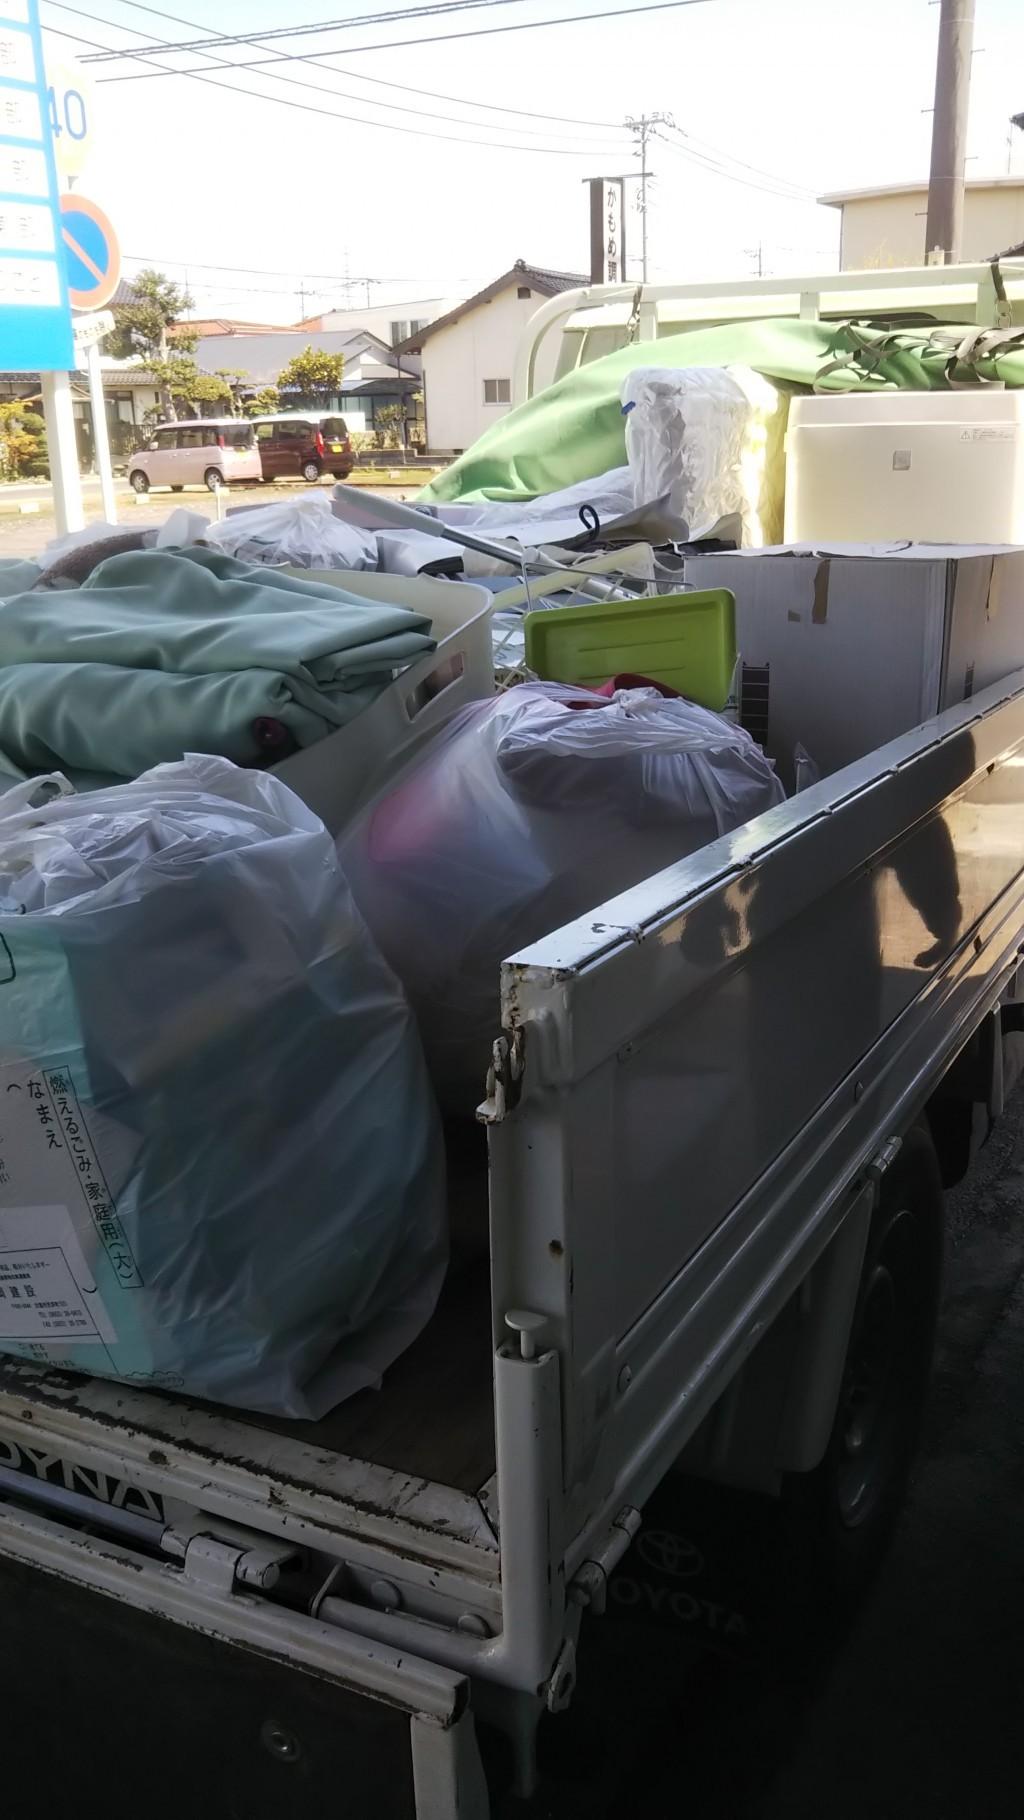 【出雲市】引っ越しに伴う不用品処分☆冷蔵庫や洗濯機なども即座に処分できご満足いただけました!